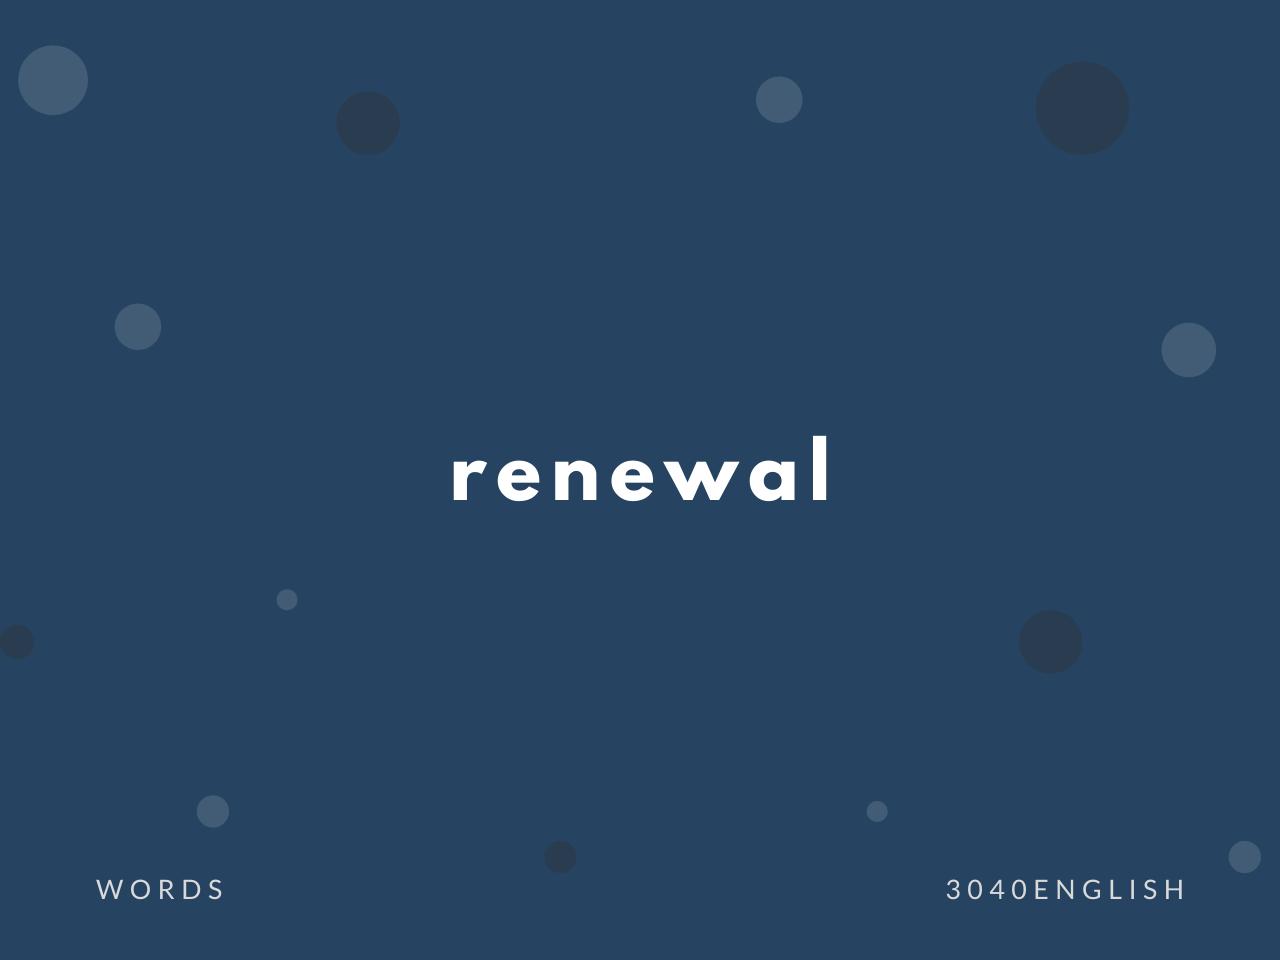 renewal の意味と簡単な使い方【音読用例文あり】